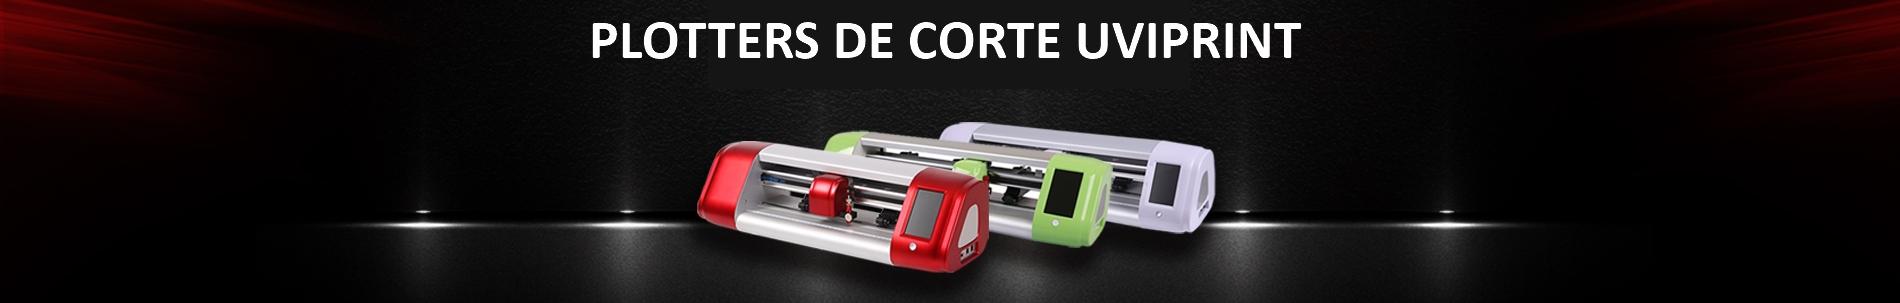 PLOTTERS DE CORTE UVIPRINT DE CORTE